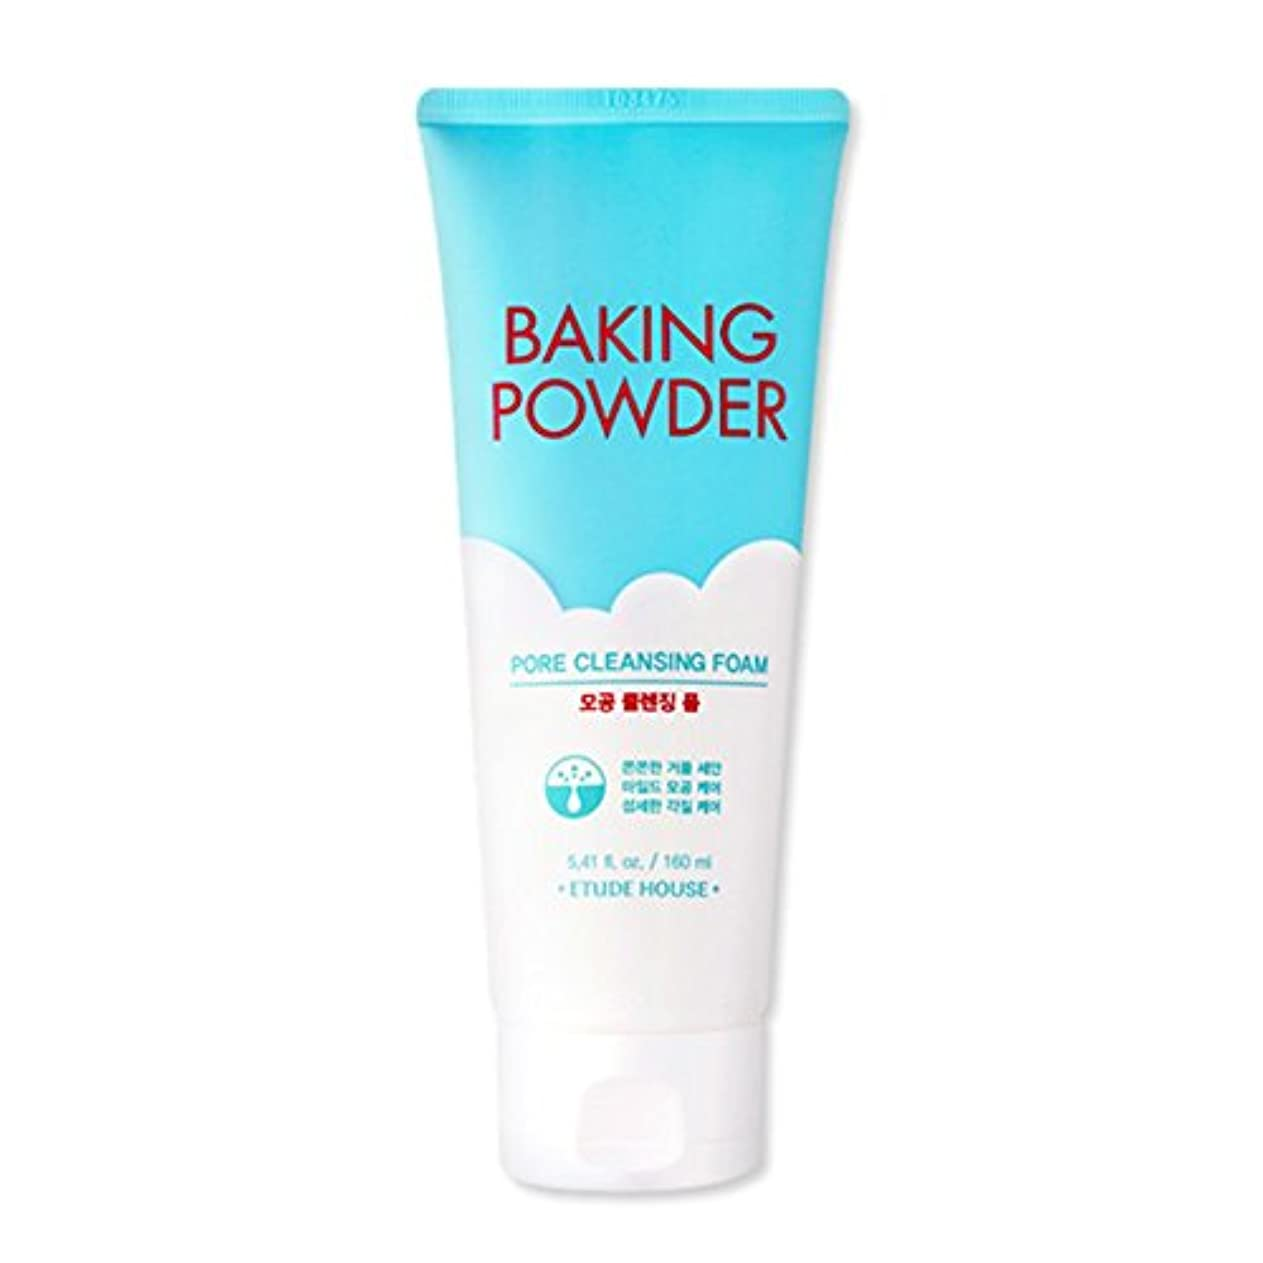 シーサイド温帯キャッチ[2016 Upgrade!] ETUDE HOUSE Baking Powder Pore Cleansing Foam 160ml/エチュードハウス ベーキング パウダー ポア クレンジング フォーム 160ml [...